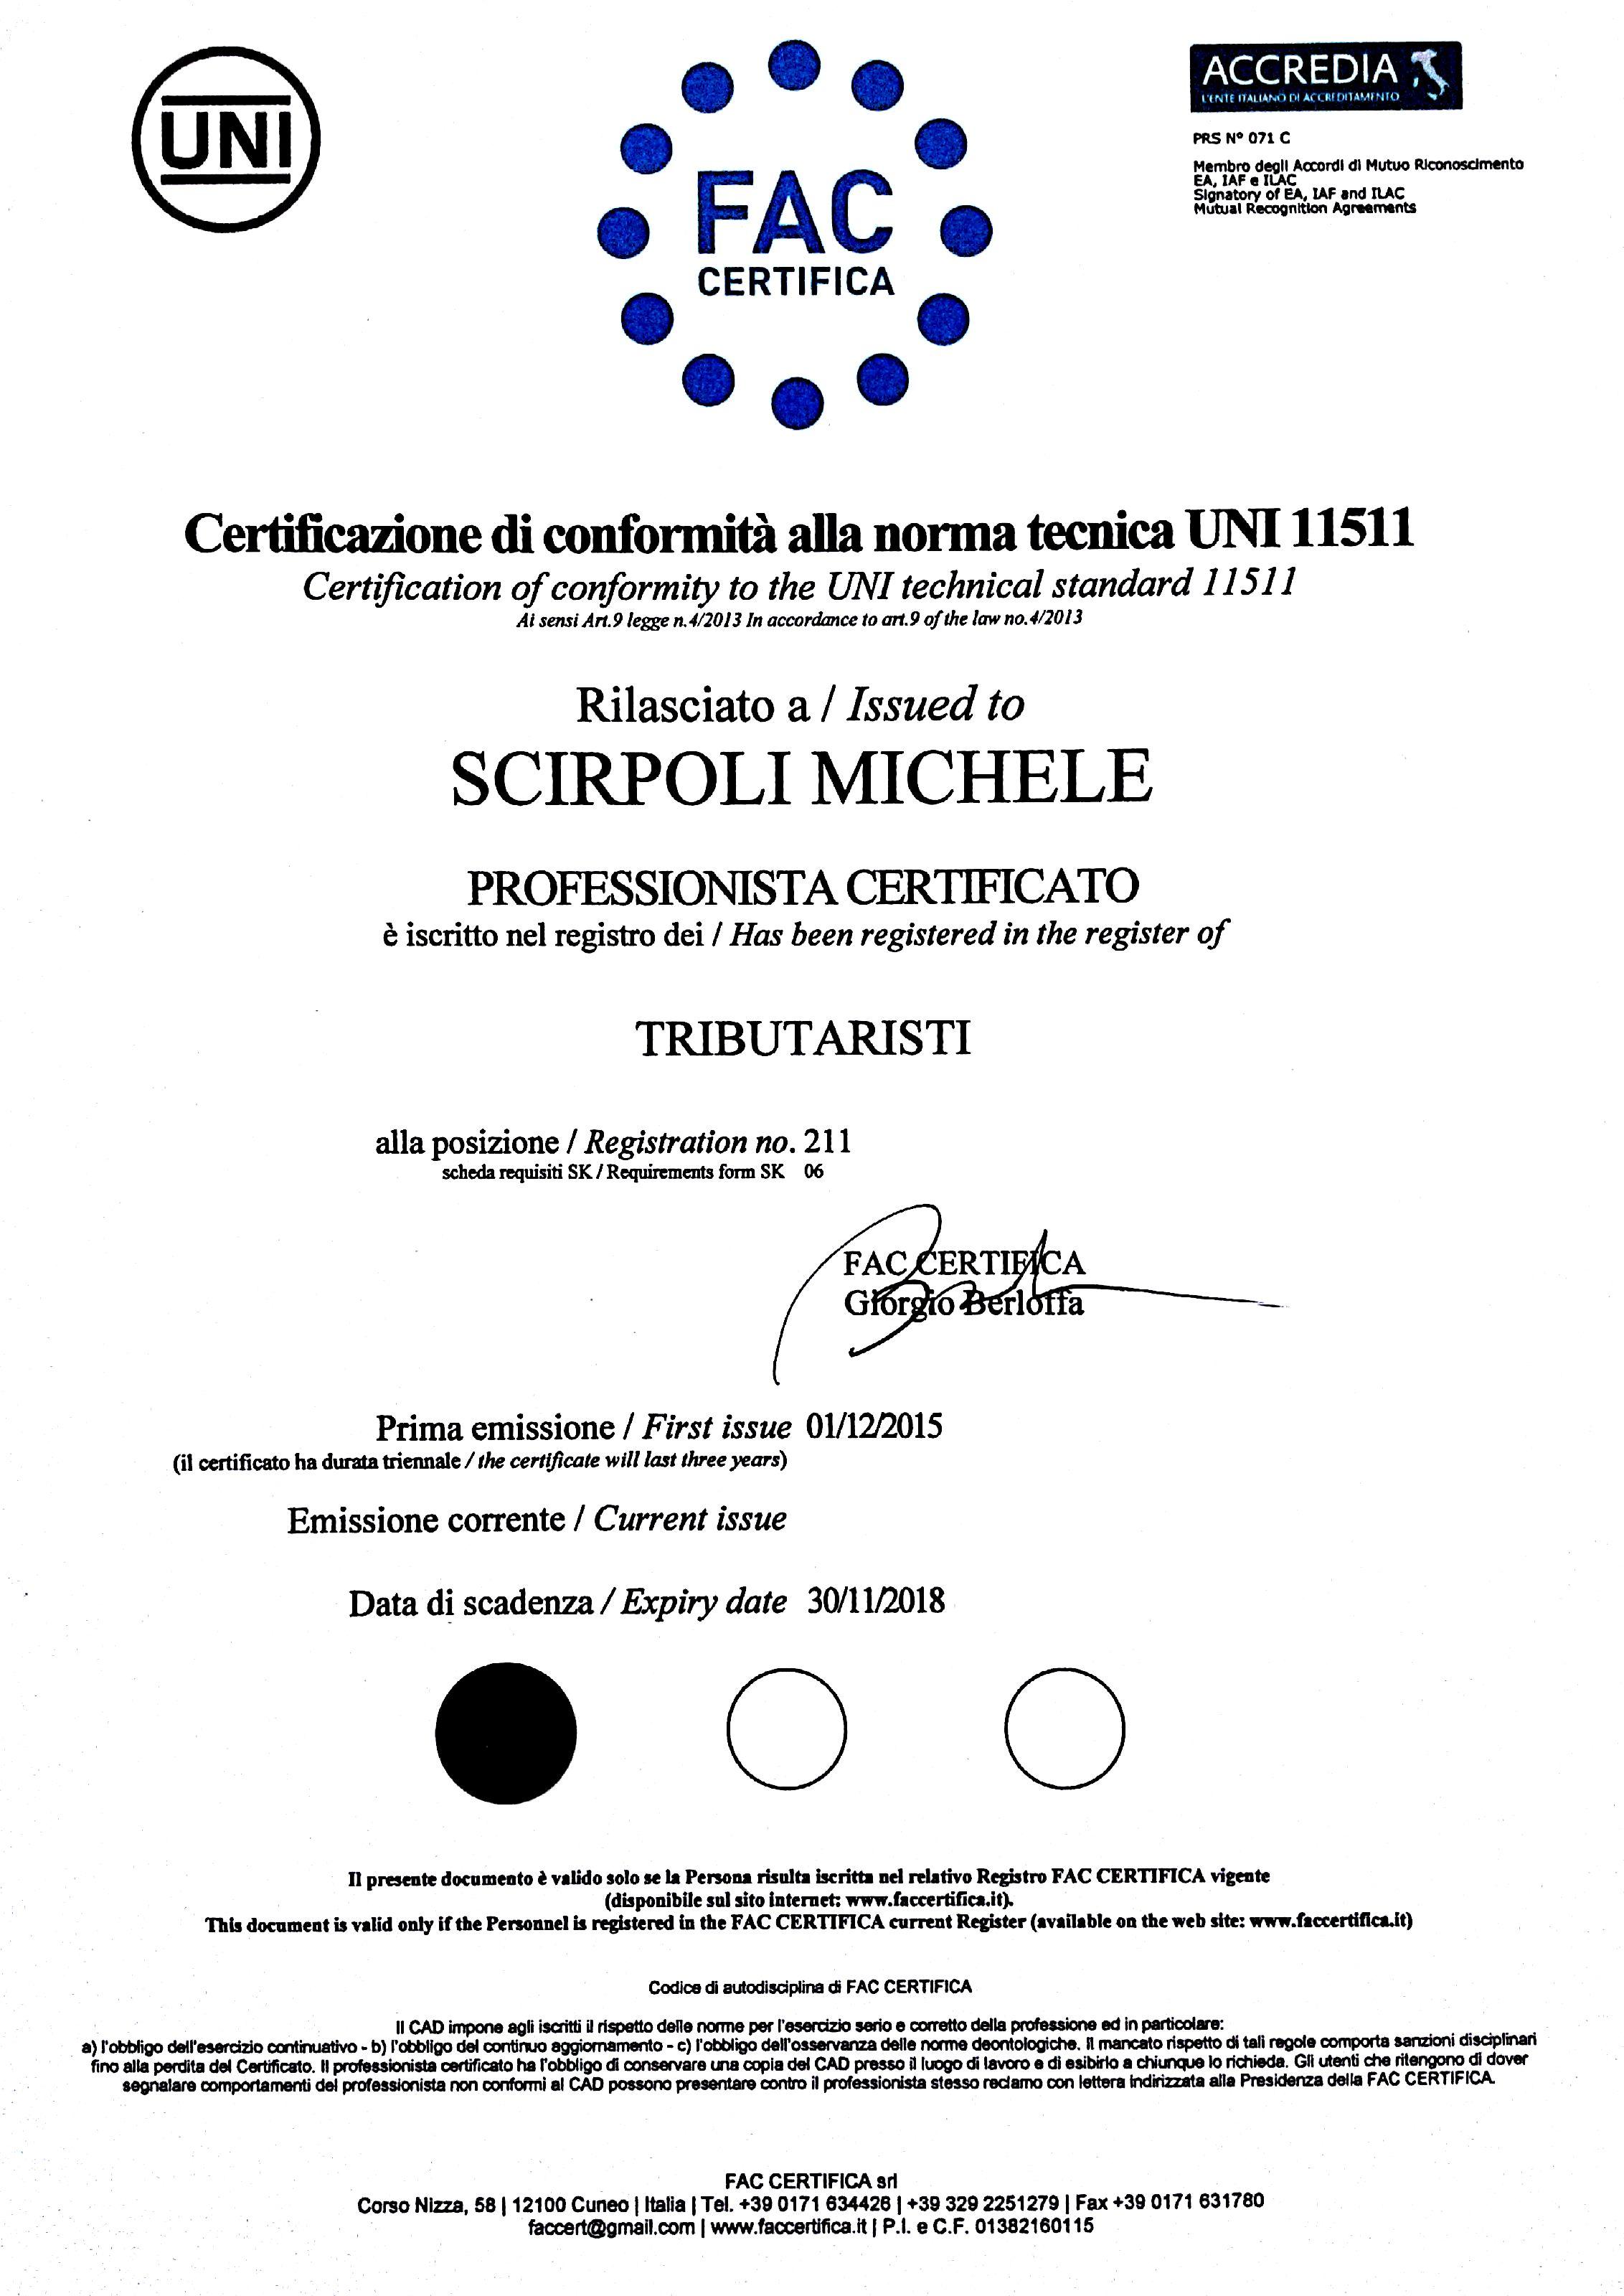 Certificato FAC Scirpoli Michele